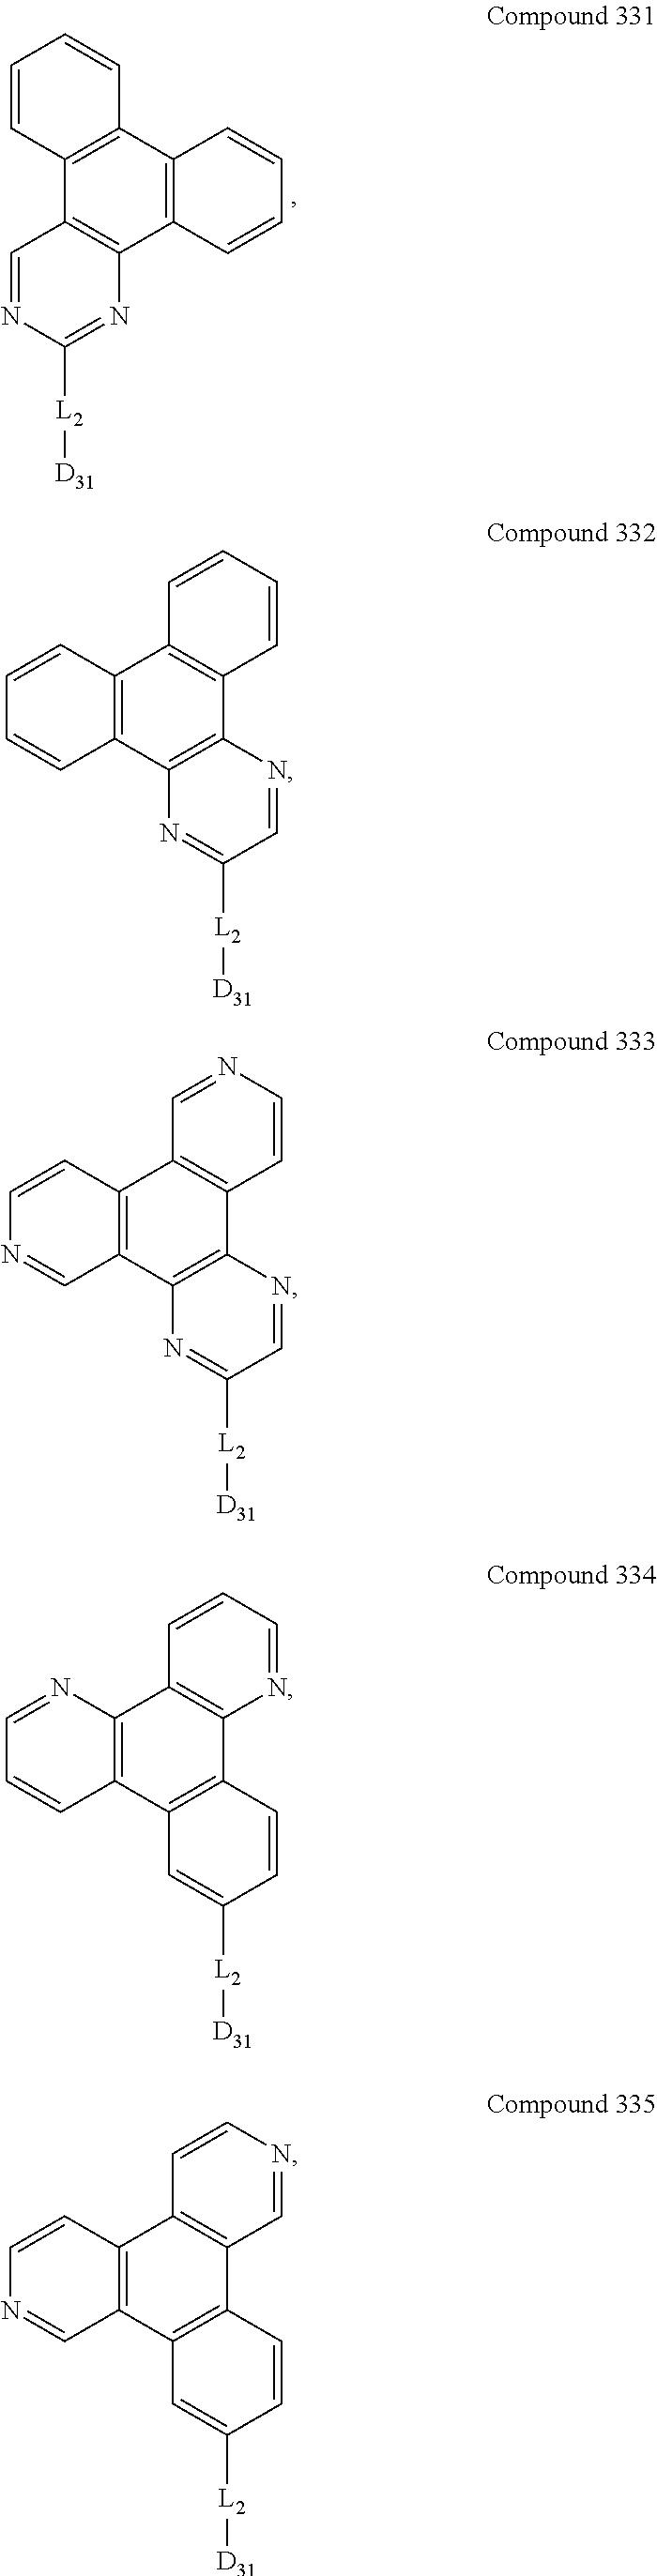 Figure US09537106-20170103-C00222